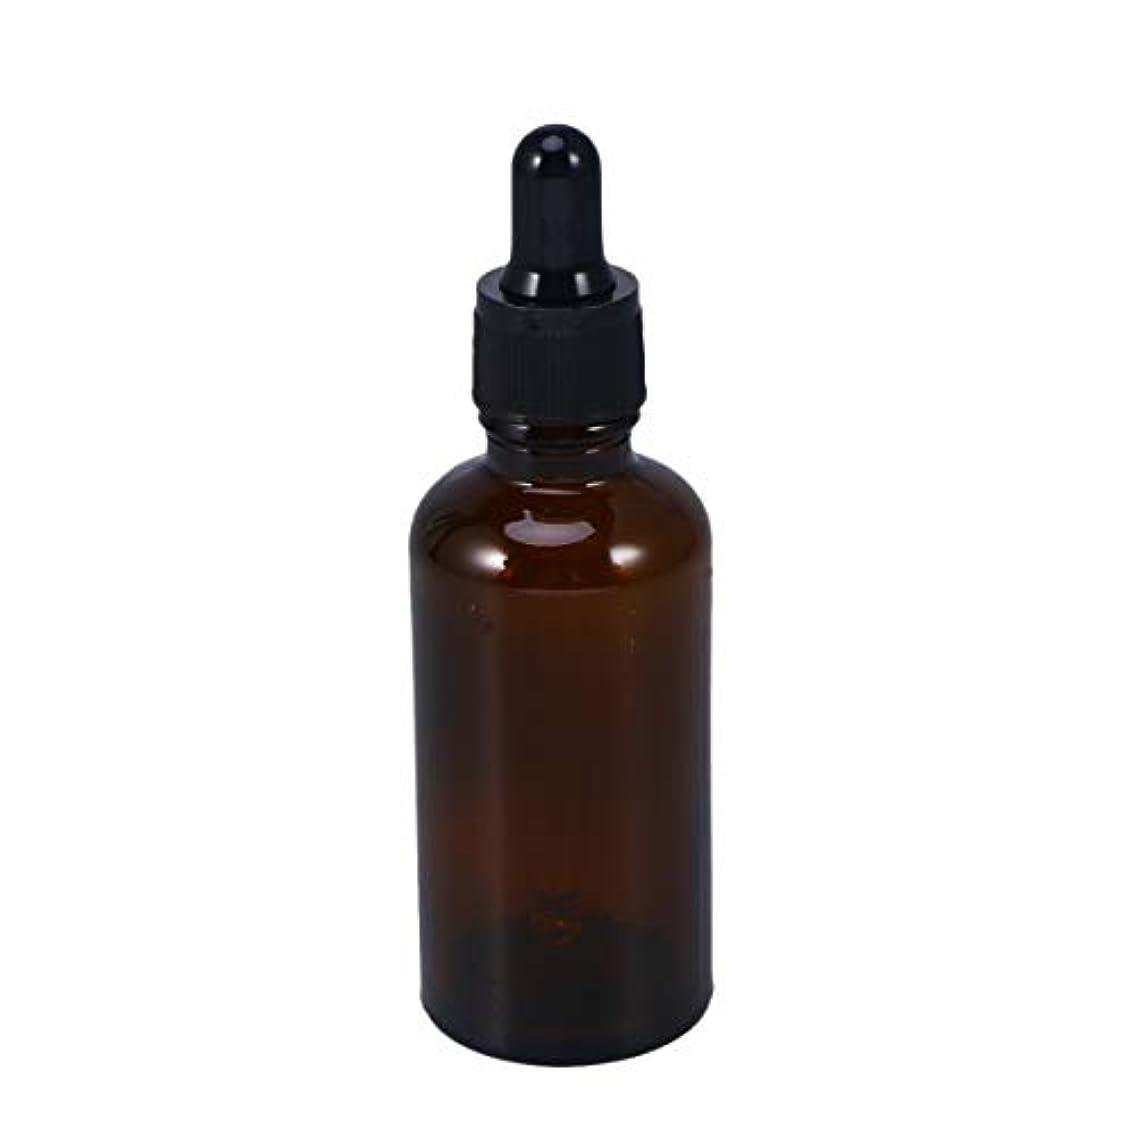 ストリームスクリュー貨物Frcolor 遮光瓶 スポイト遮光瓶 50ml スポイト付き アロマボトル ガラス 茶色 香水 保存用 詰替え エッセンシャルオイル 保存容器 2本セット